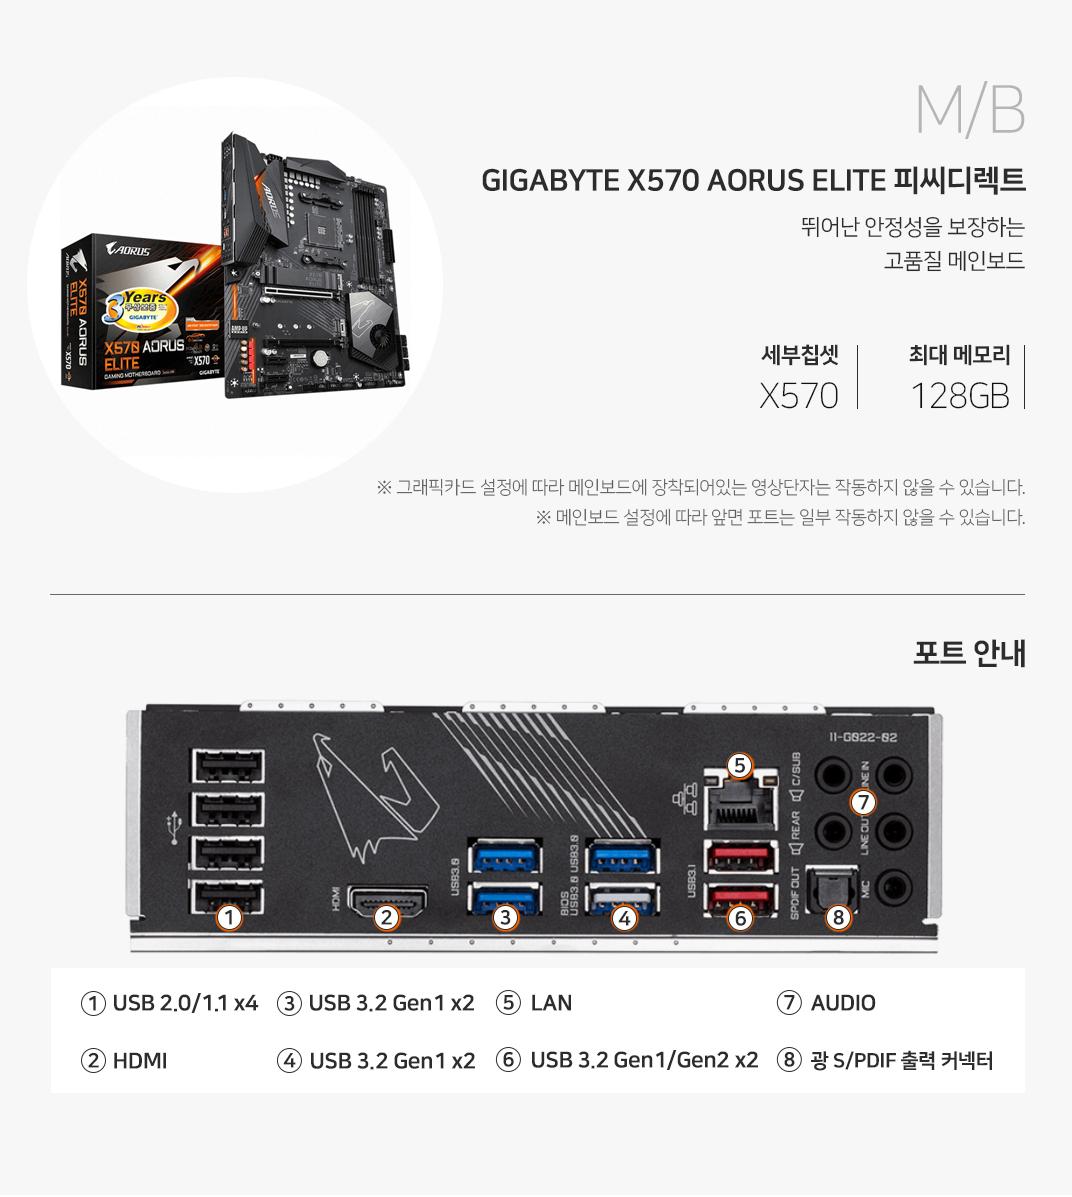 M/B GIGABYTE X570 AORUS ELITE 피씨디렉트 뛰어난 안정성을 보장하는 고품질 메인보드 세부칩셋 X570 최대메모리 128GB 그래픽 설정에 따라 메인보드에 장착되어 있는 영상단자는 작동하지 않을 수 있습니다. 메인보드 설정에 따라 앞면 포트는 일부 작동하지 않을 수 있습니다.